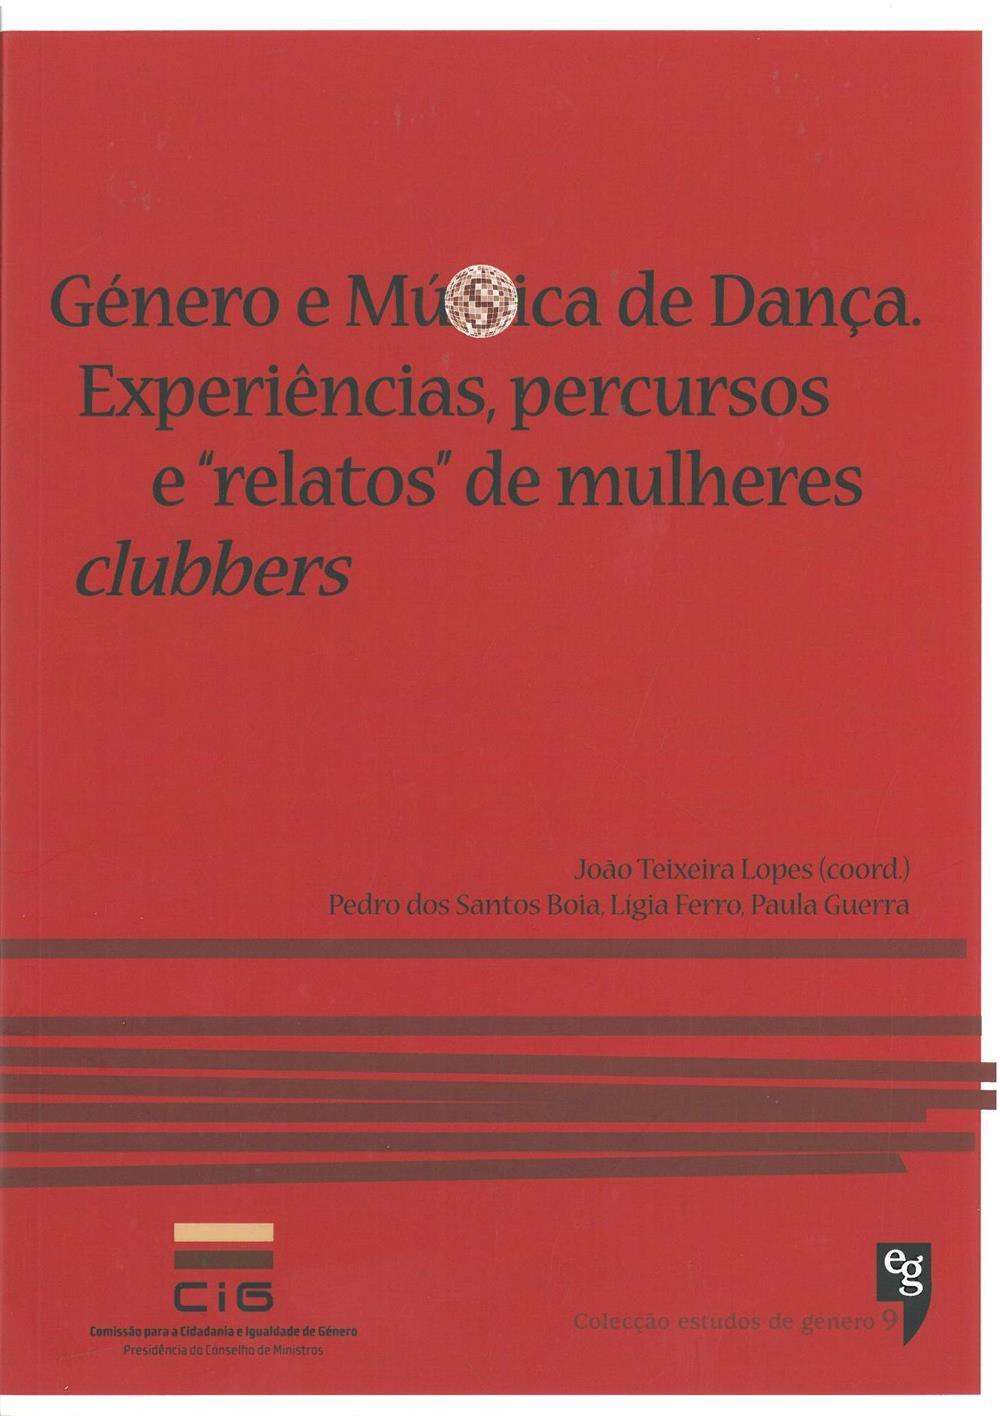 Género e música de dança..._.jpg